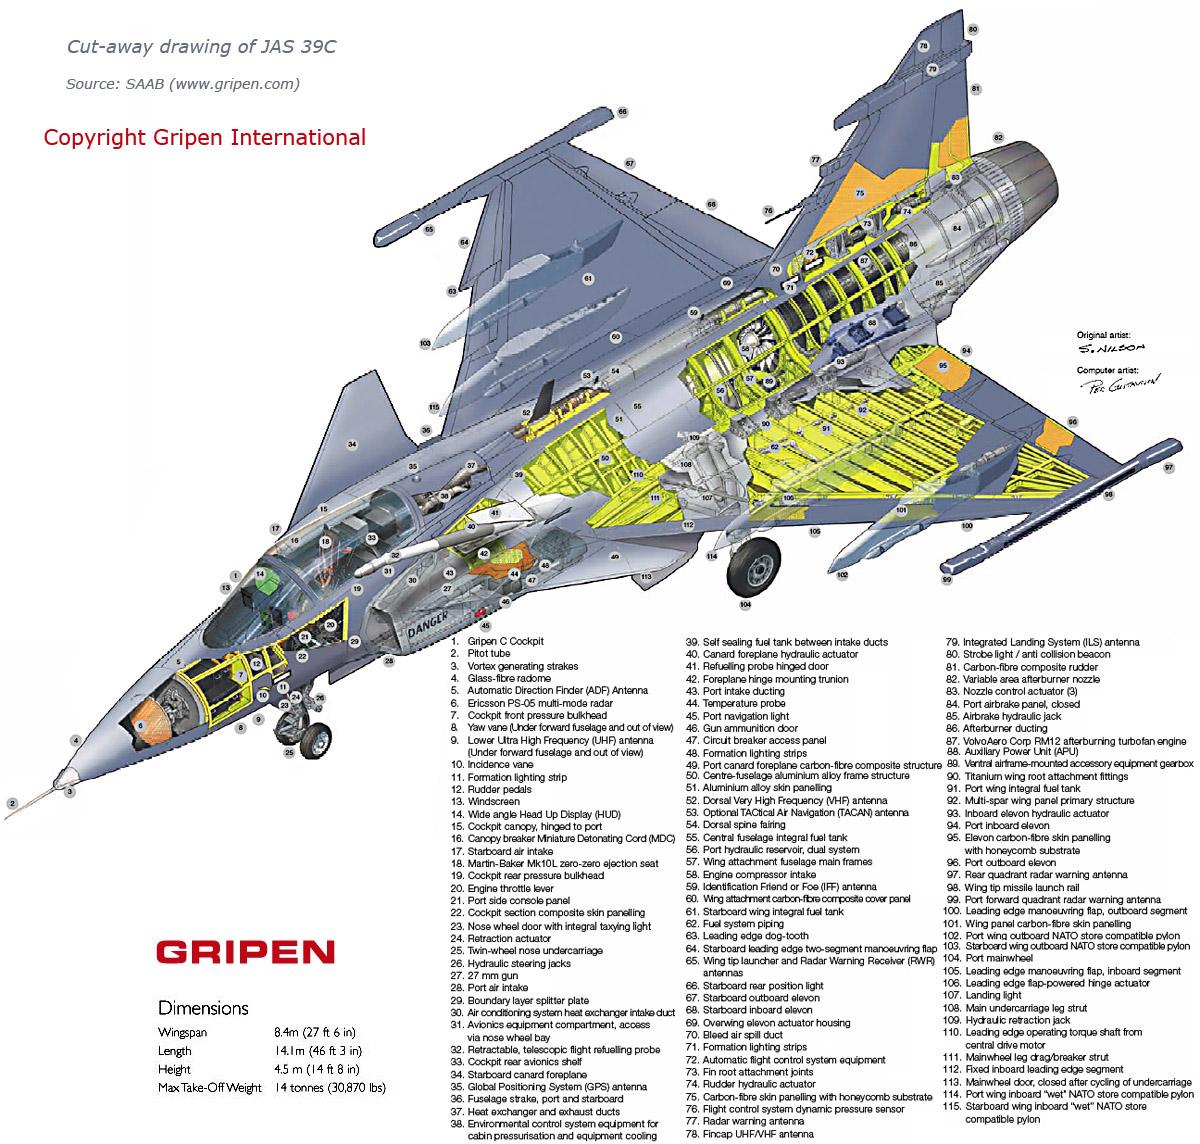 http://www.avrosys.nu/aircraft/Attack/178jas39/124-JAS39C-roentgen-1200px.jpg